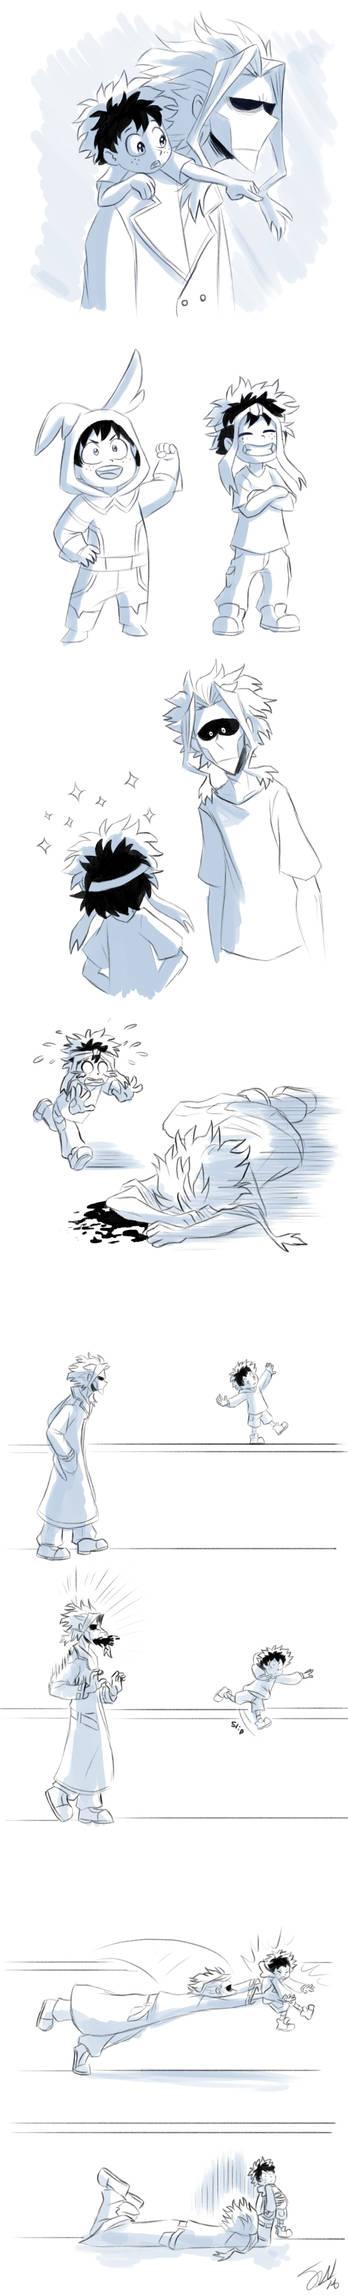 Boku no Hero Academia - collage of dad might